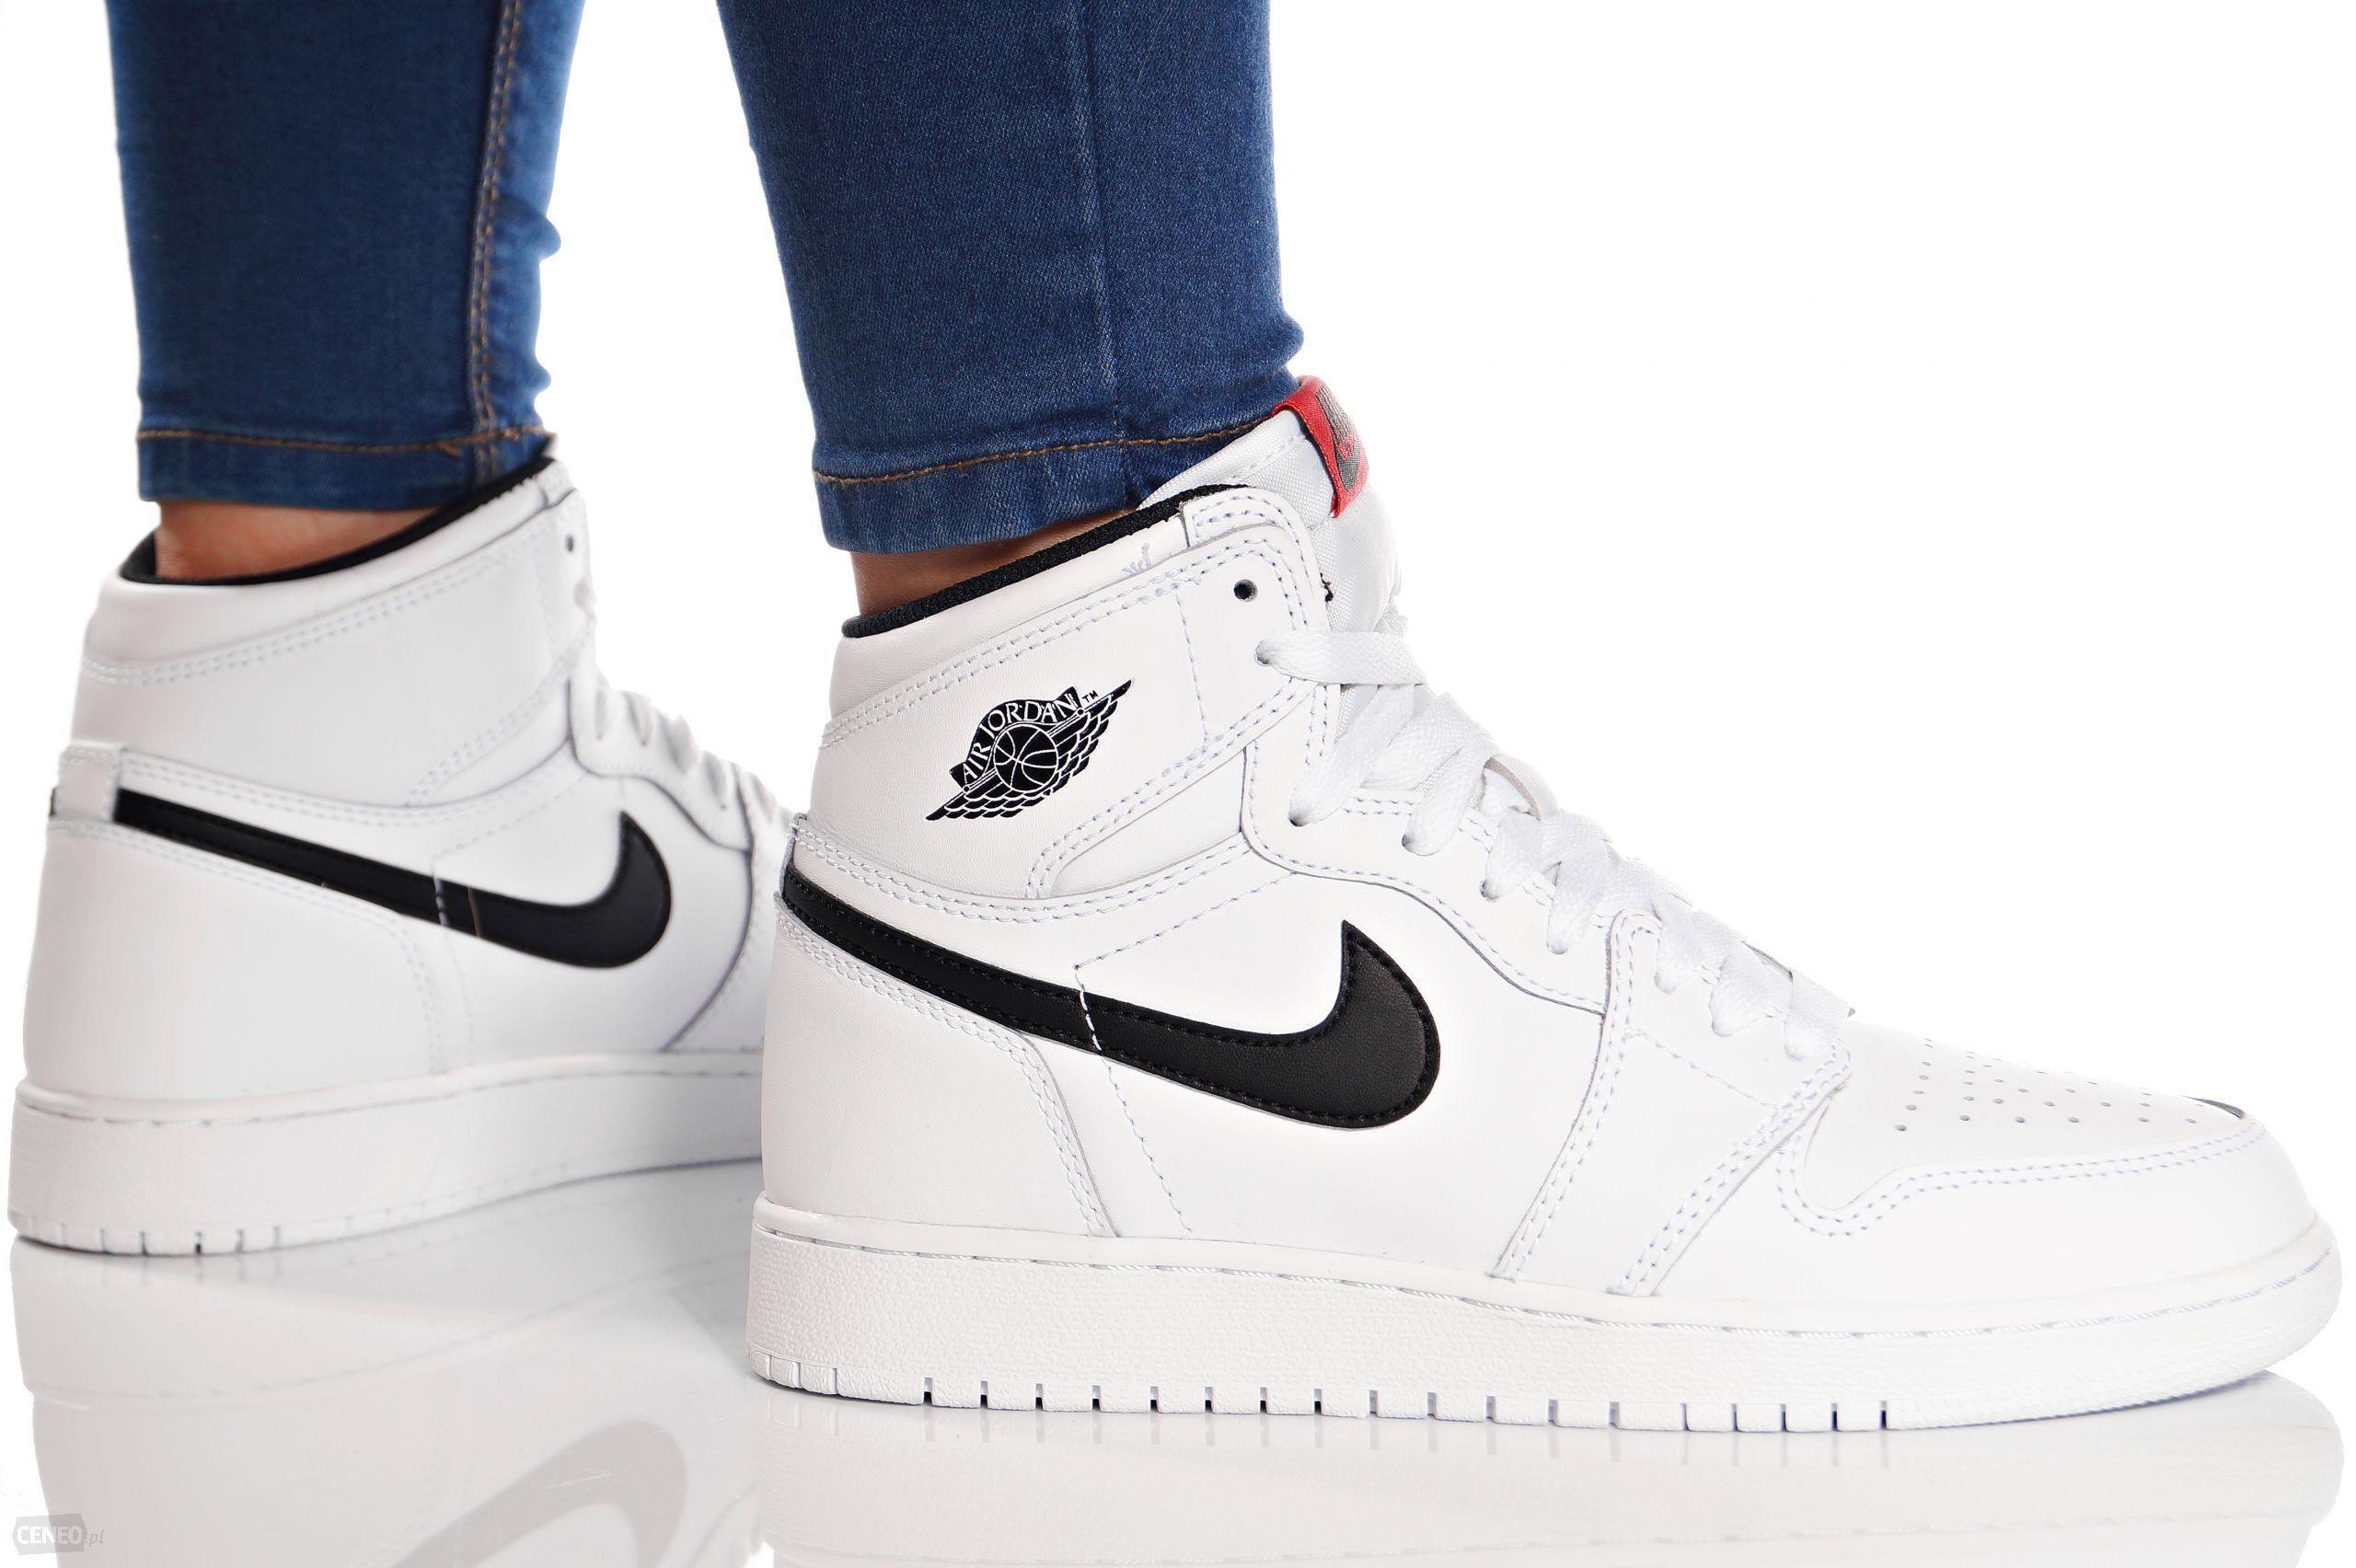 Nowy Moda Damskie Sportowe Buty Air Jordan 1 Mid BG ROZ biel